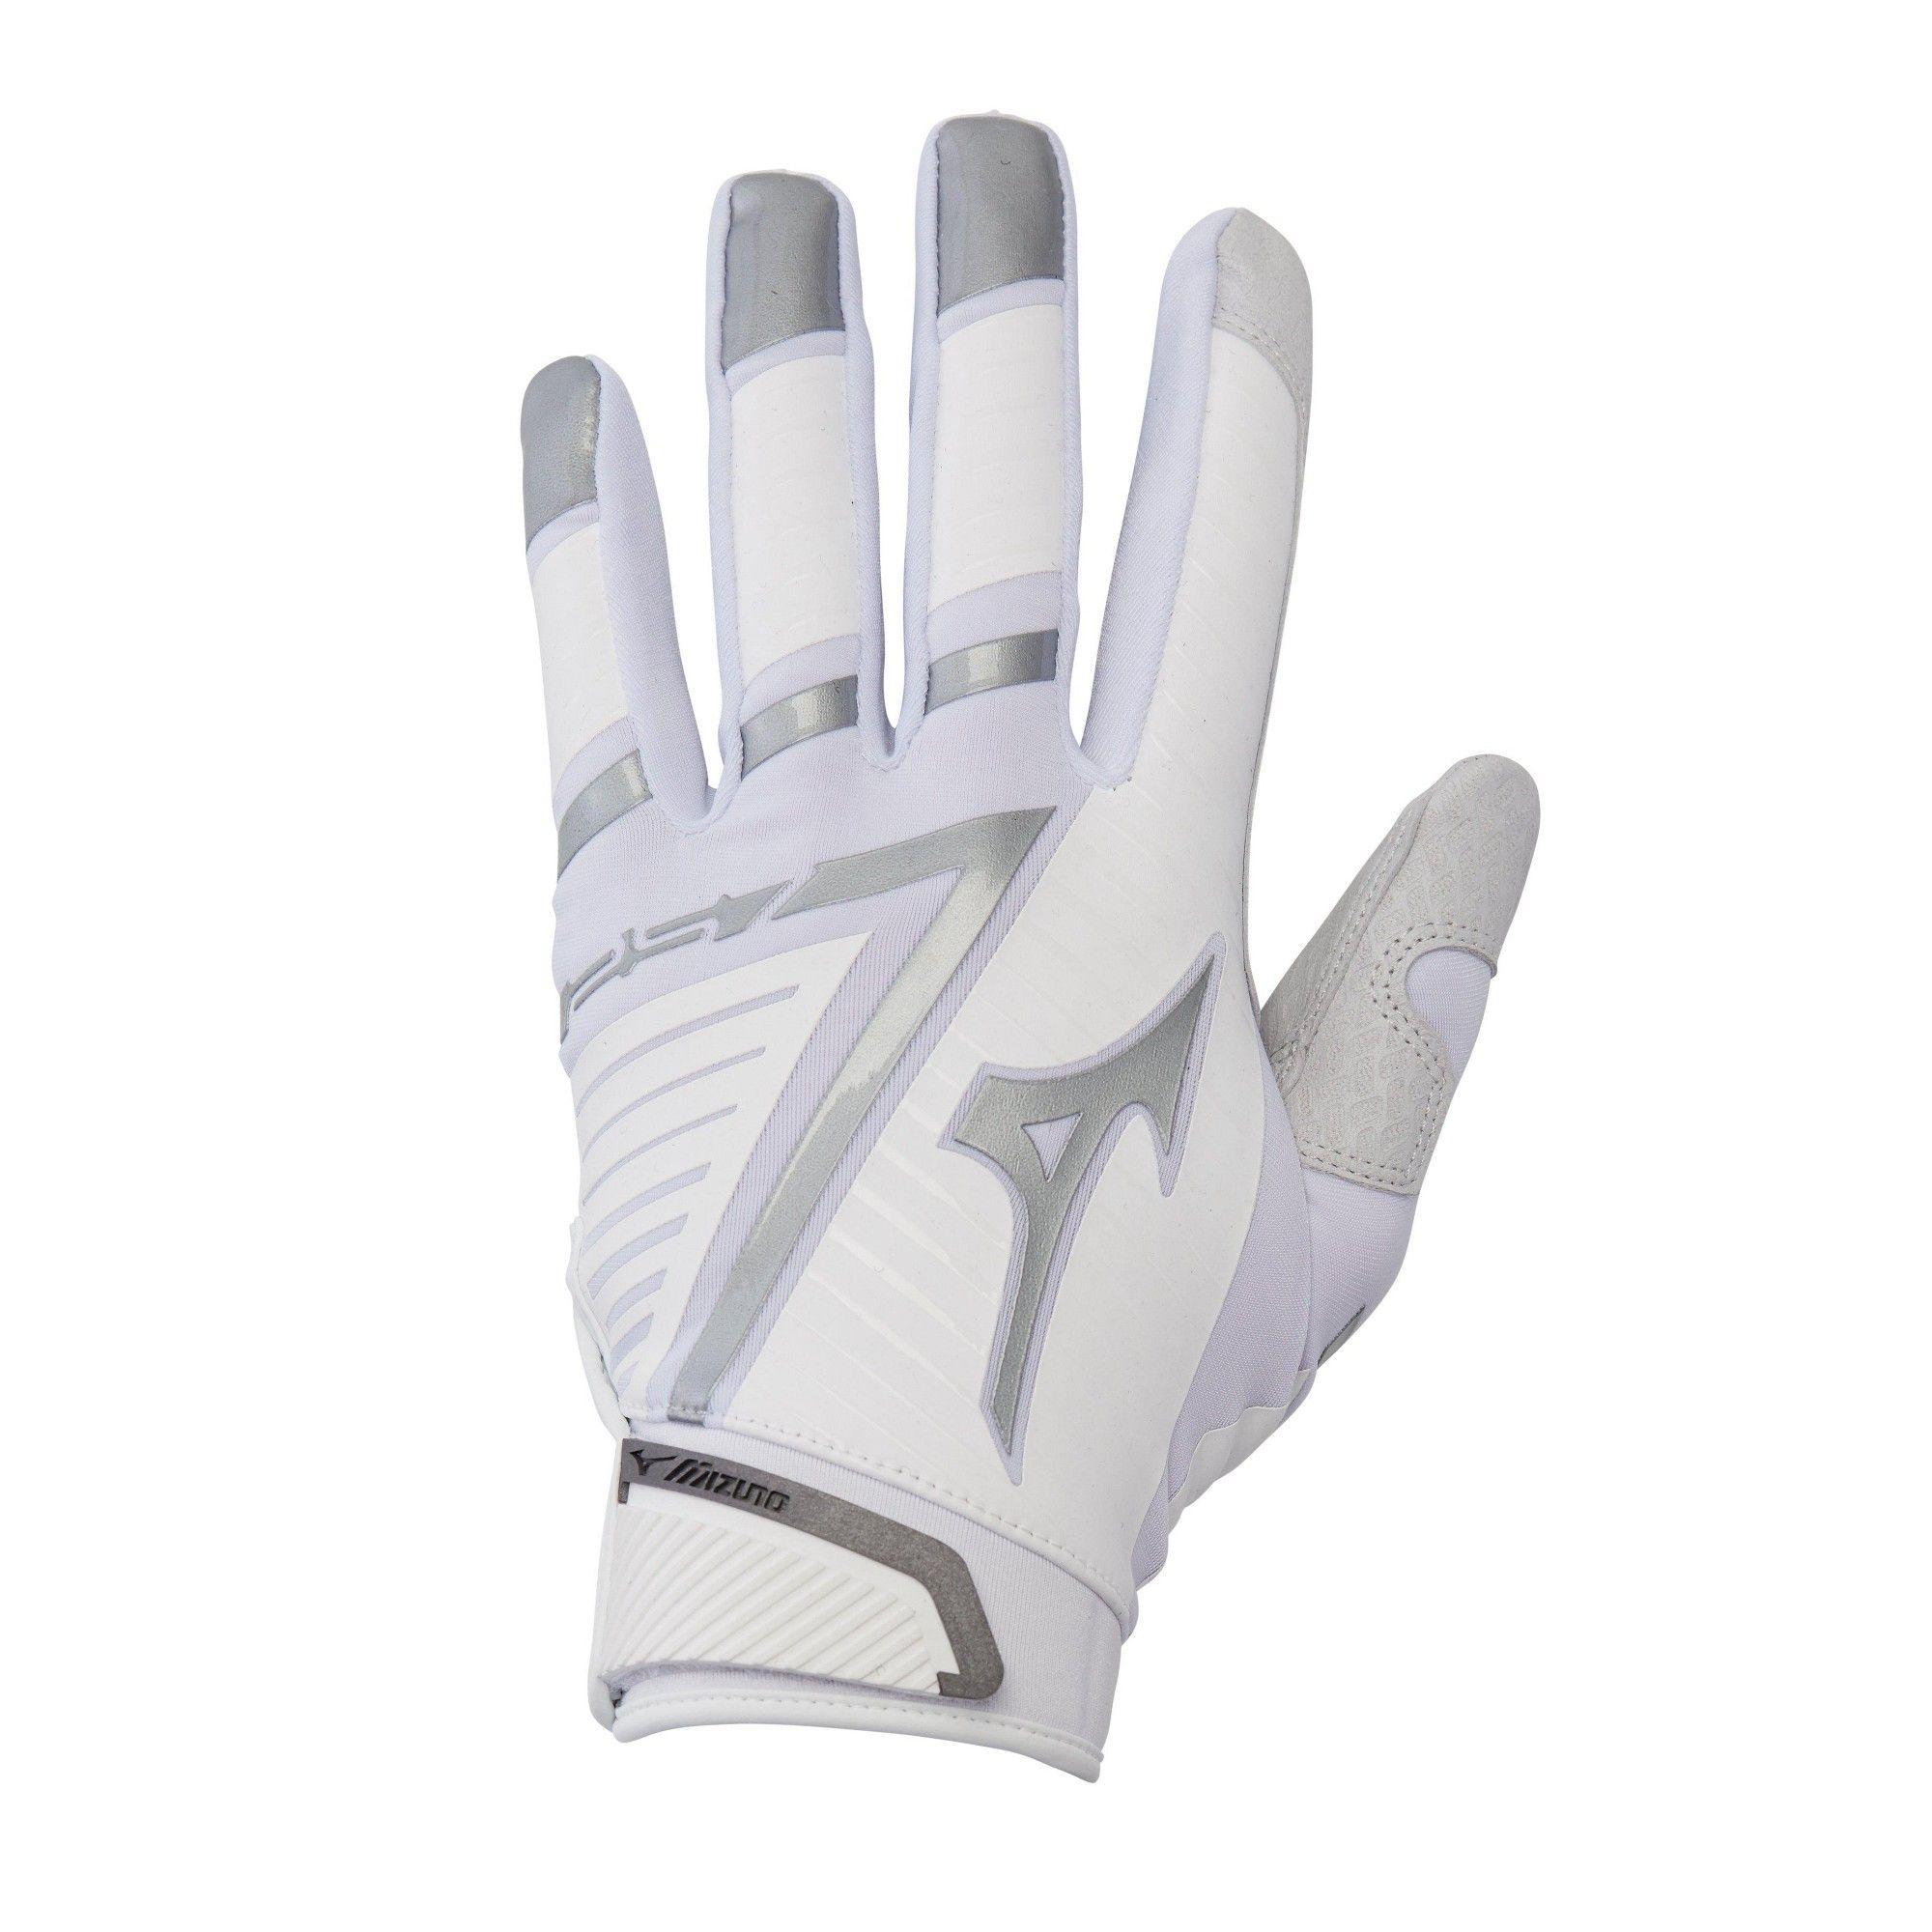 Mizuno Womens Softball Batting Gloves F 257 Women S Softball Batting Glove 330391 Size Large White Silver 0073 Batting Gloves Gloves Winter Gloves Women